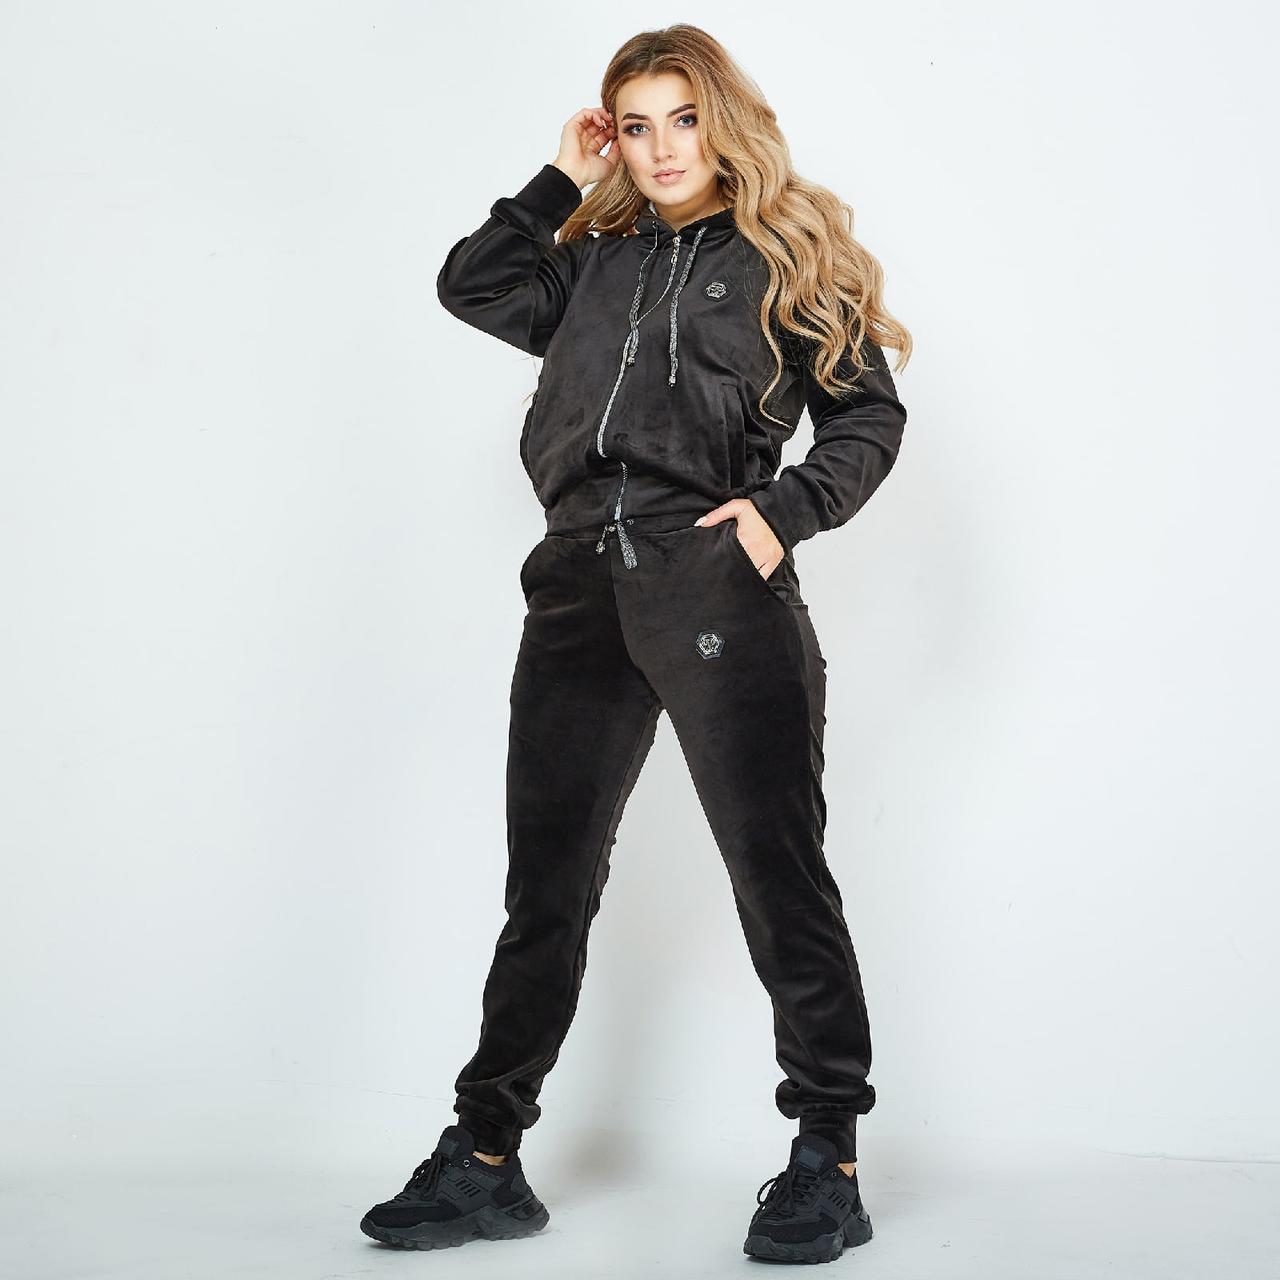 Шикарный велюровый спортивный костюм Череп стразы, Женский велюровый спортивный костюм Большой размер Черный